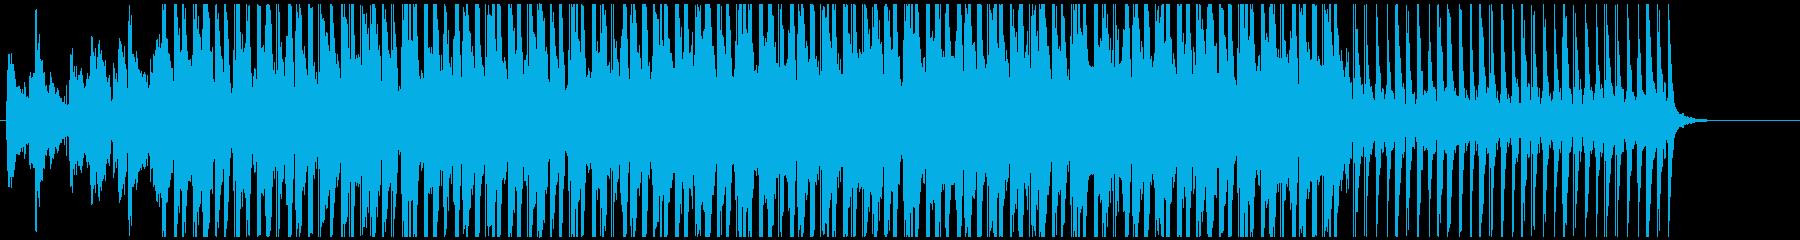 古い印象/メロー/ピアノ/hiphopの再生済みの波形